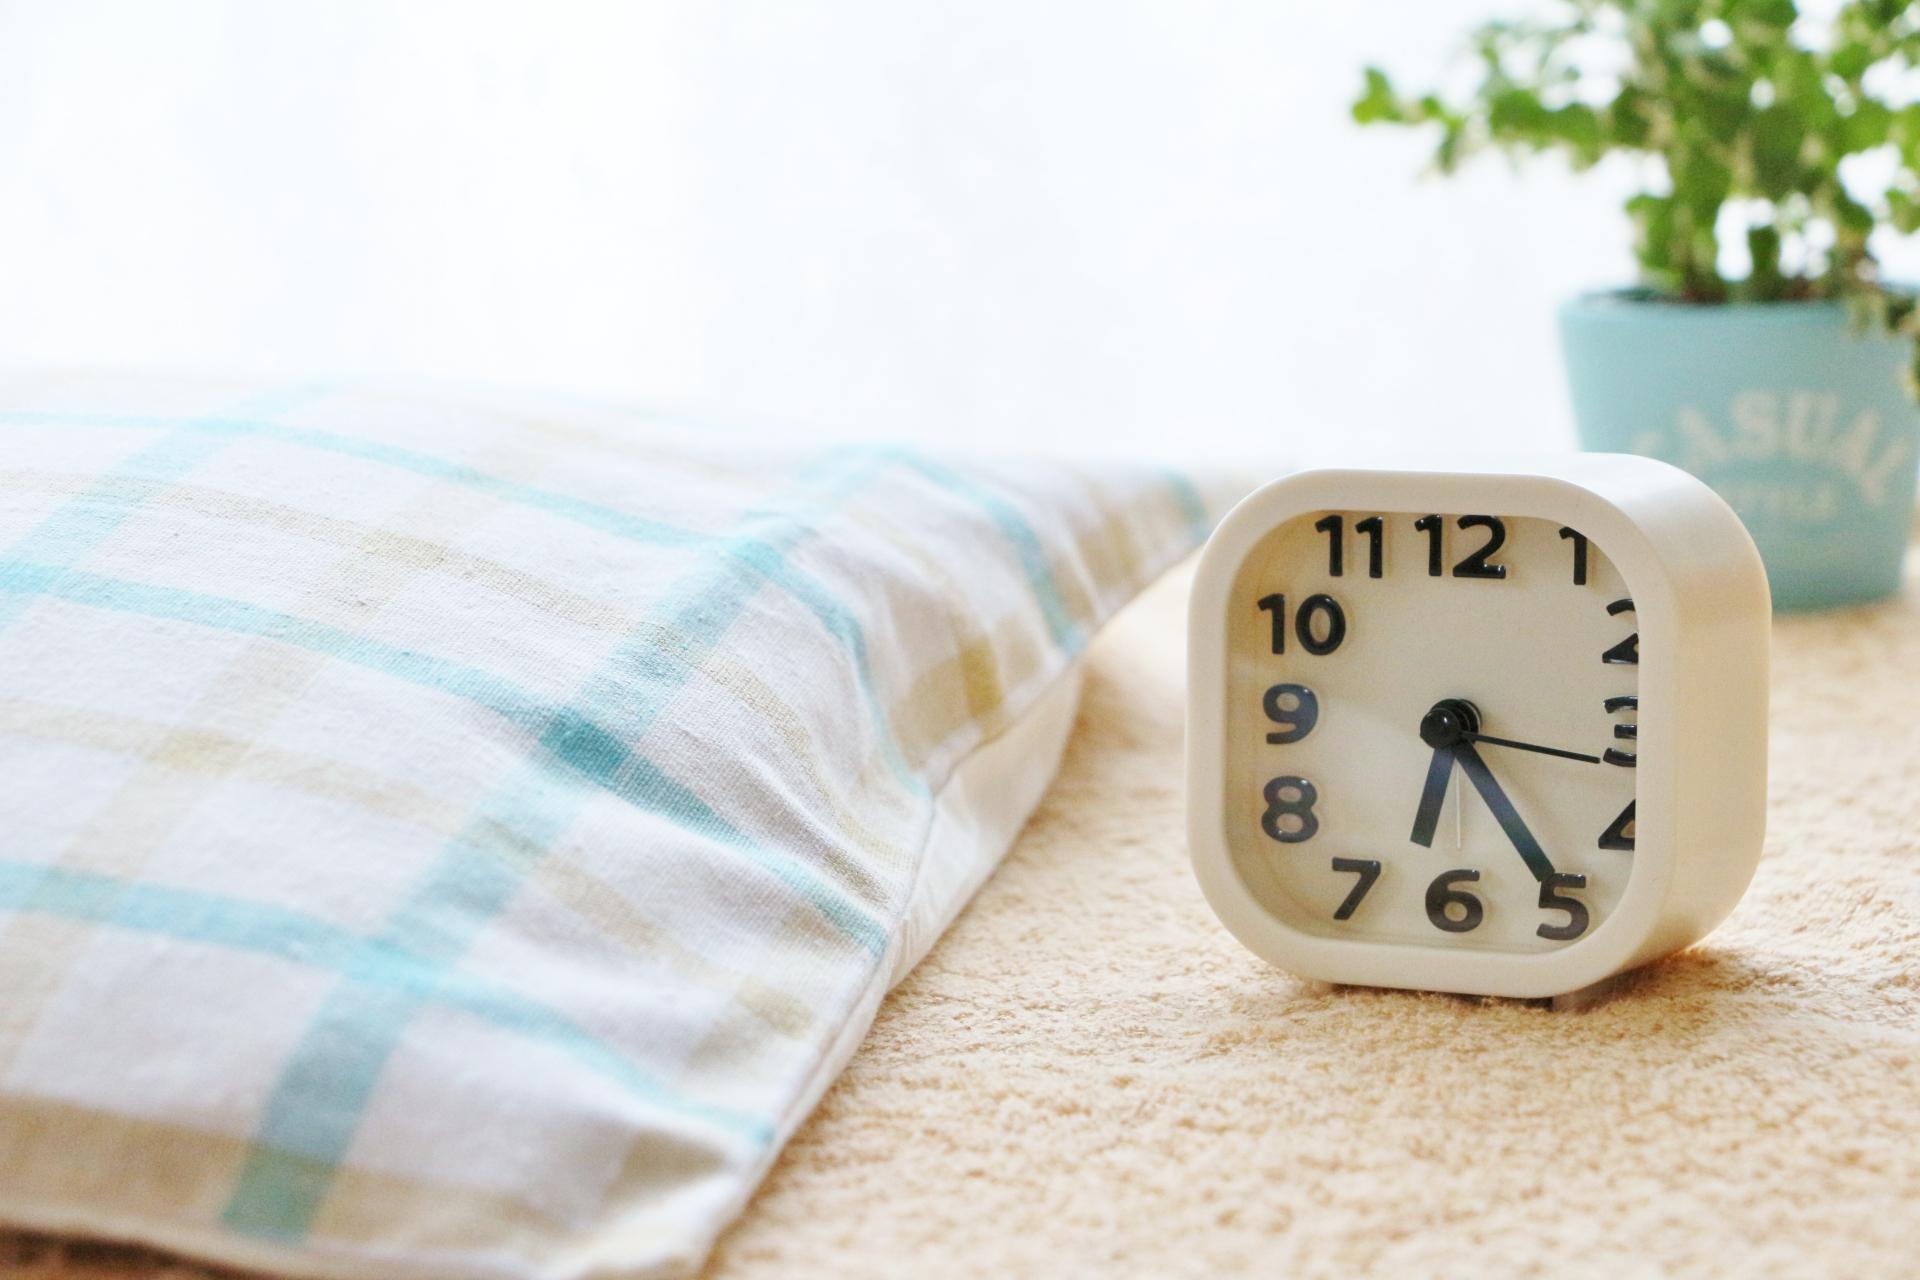 目覚まし時計のおすすめ5選&選び方【絶対起きたい】